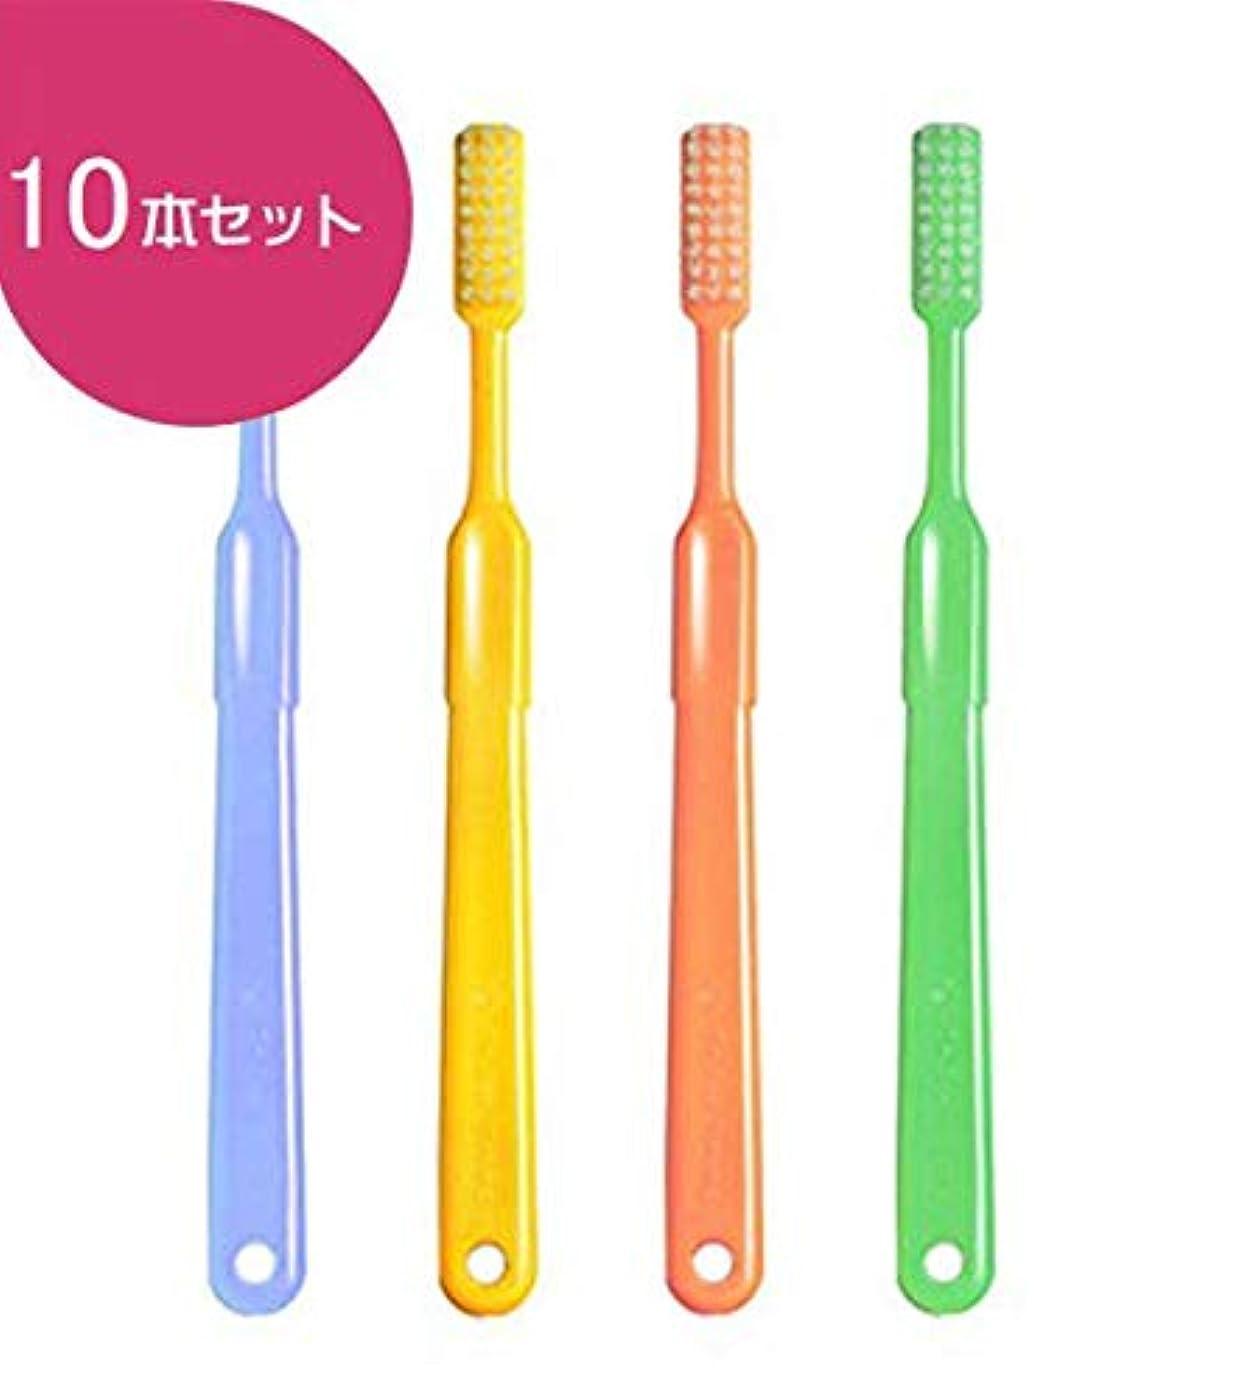 ペック削除する正気ビーブランド ドクター ビーヤング 歯ブラシ 10本 (ヤングソフト)